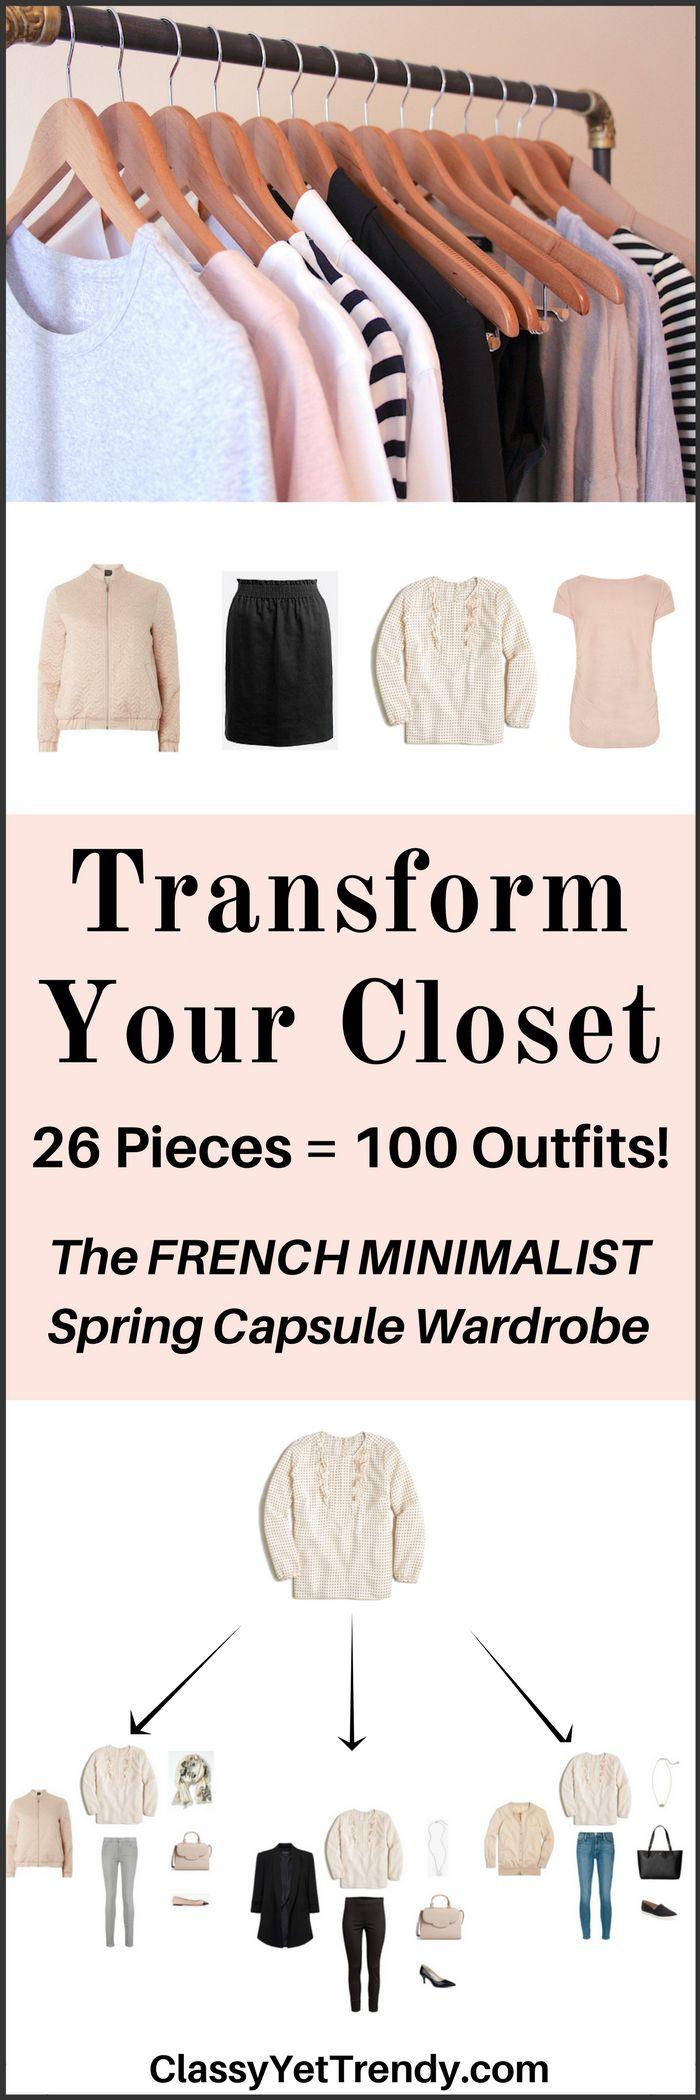 The French Minimalist Capsule Wardrobe e-book- Spring 2017